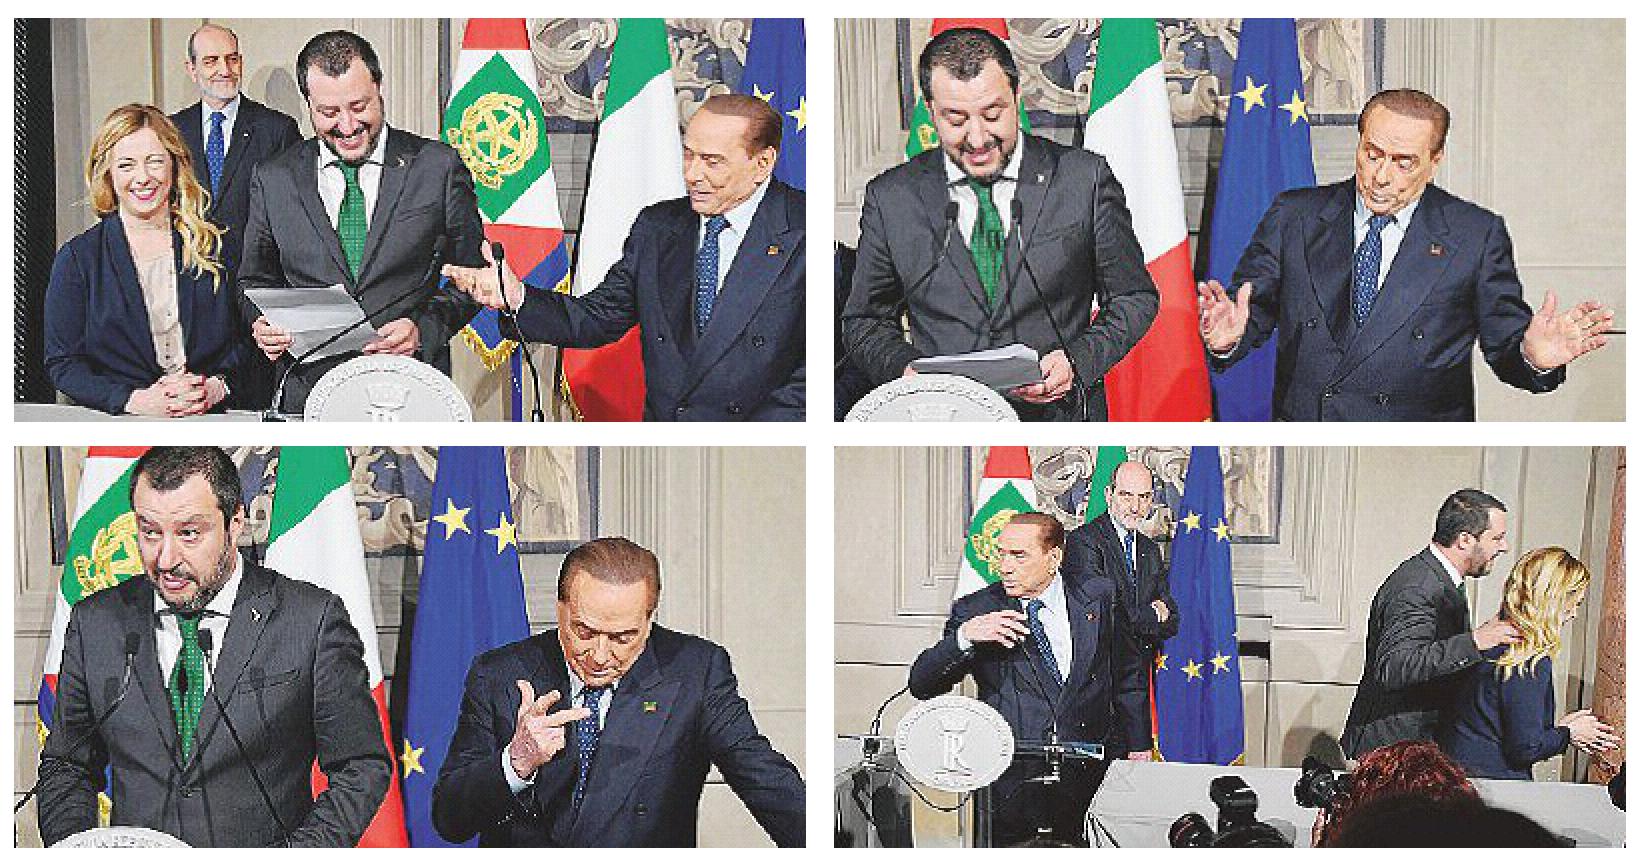 """Nuovo governo, la zampata di Berlusconi cambia lo """"schema"""" del Quirinale: si va verso un """"esploratore"""" di centrodestra"""